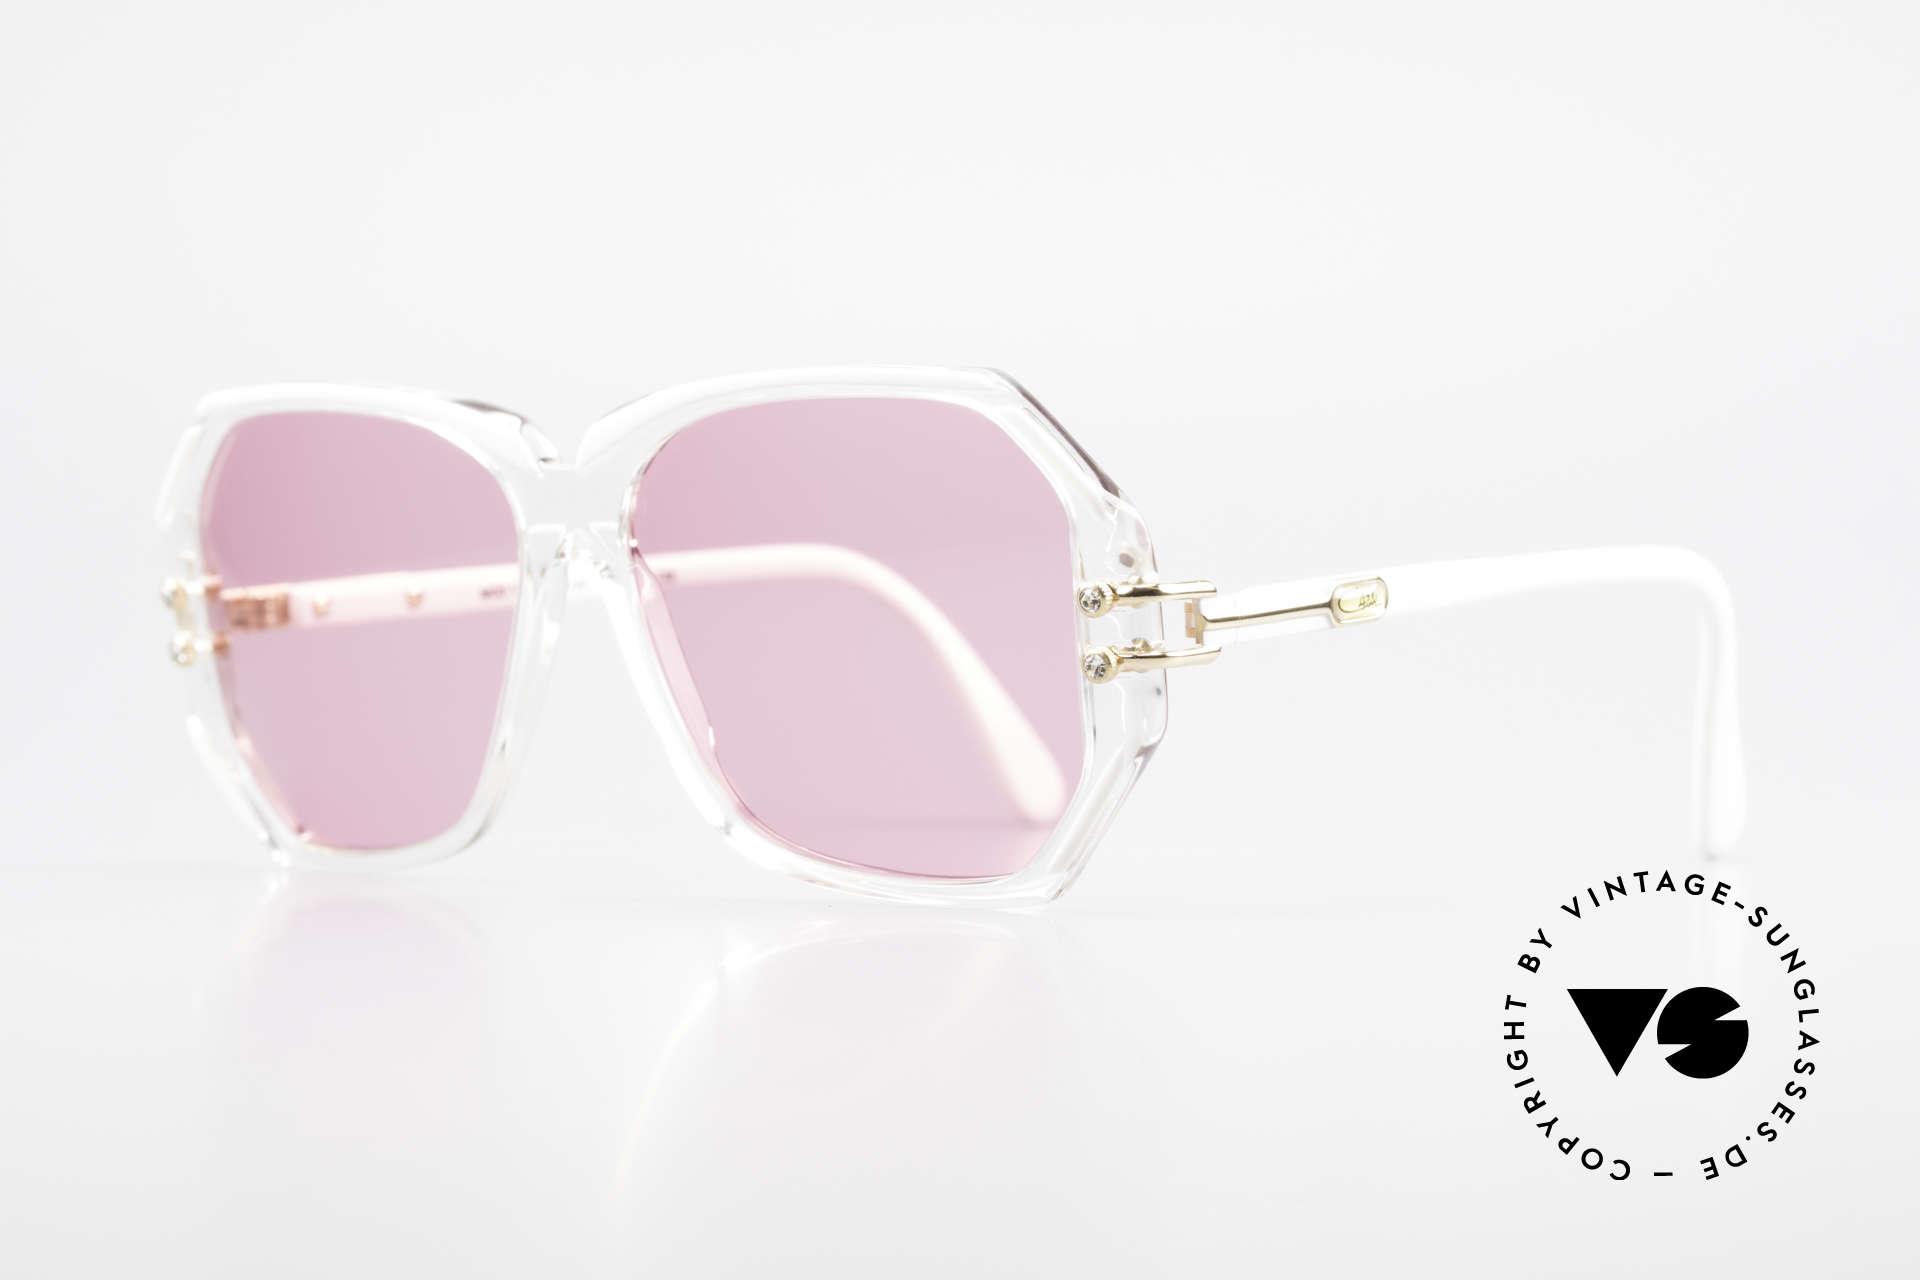 Cazal 169 Pinke Designer Sonnenbrille, kristallklare Fassung mit weißen Rahmen-Umrandungen, Passend für Damen